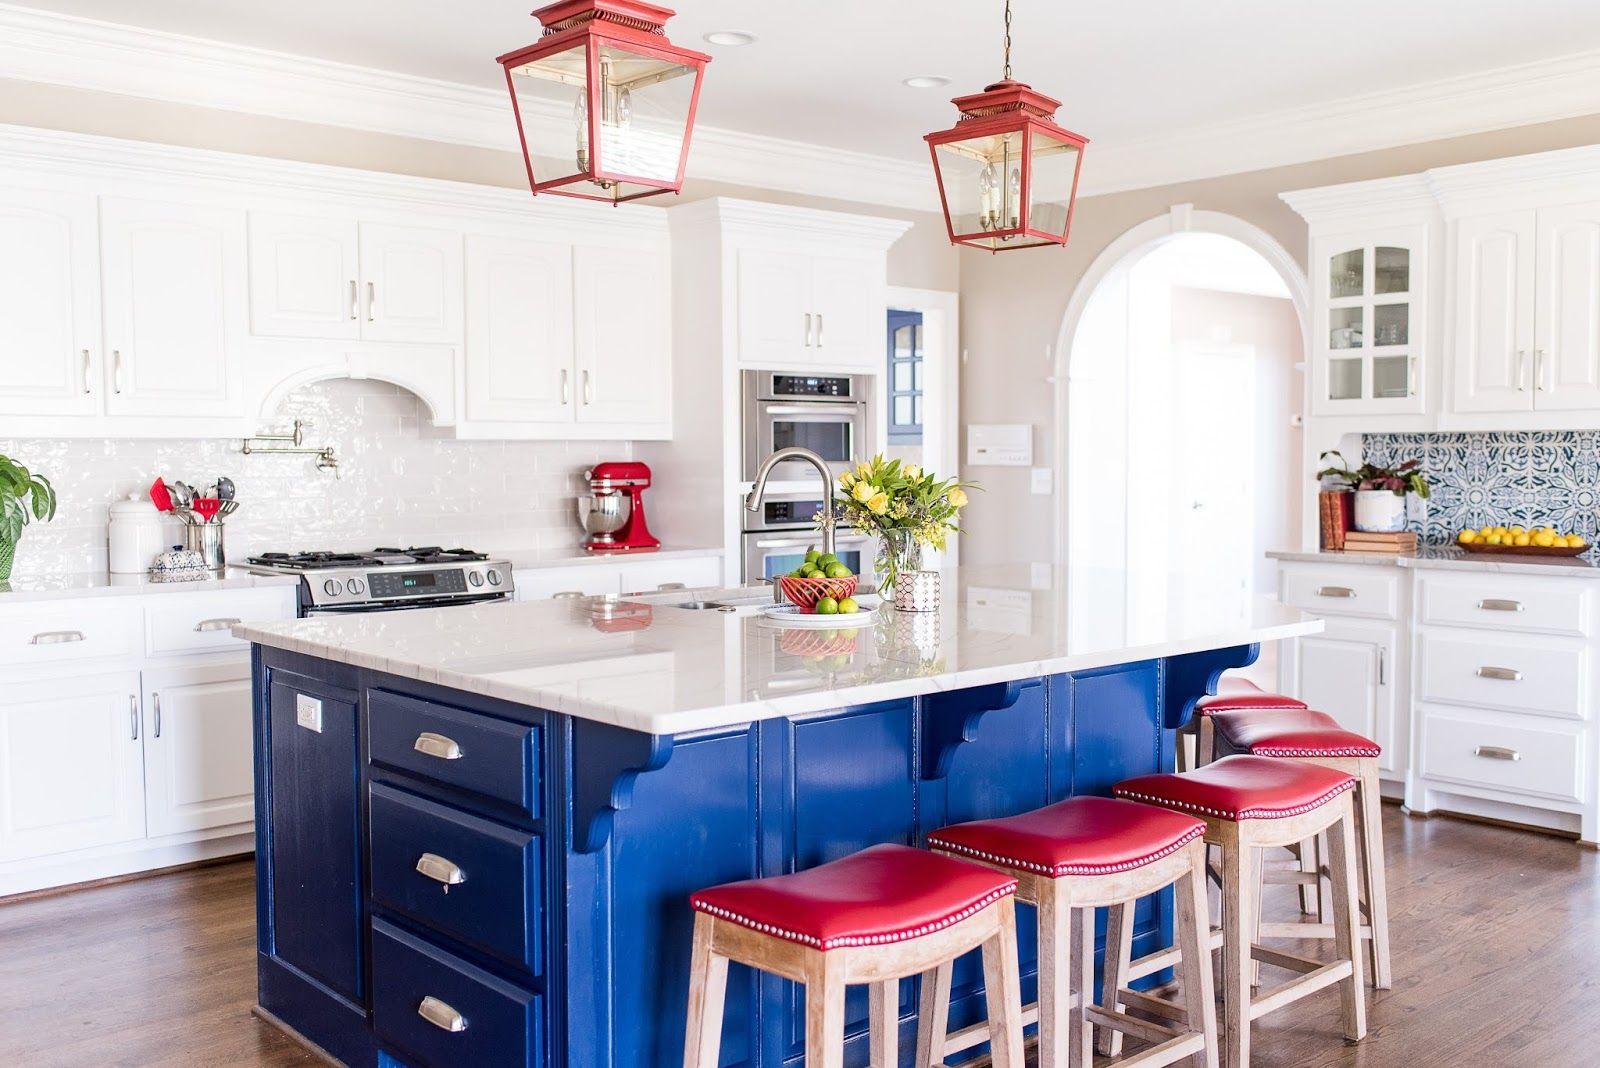 Best Red White Blue In 2020 Blue Kitchen Decor Red 400 x 300